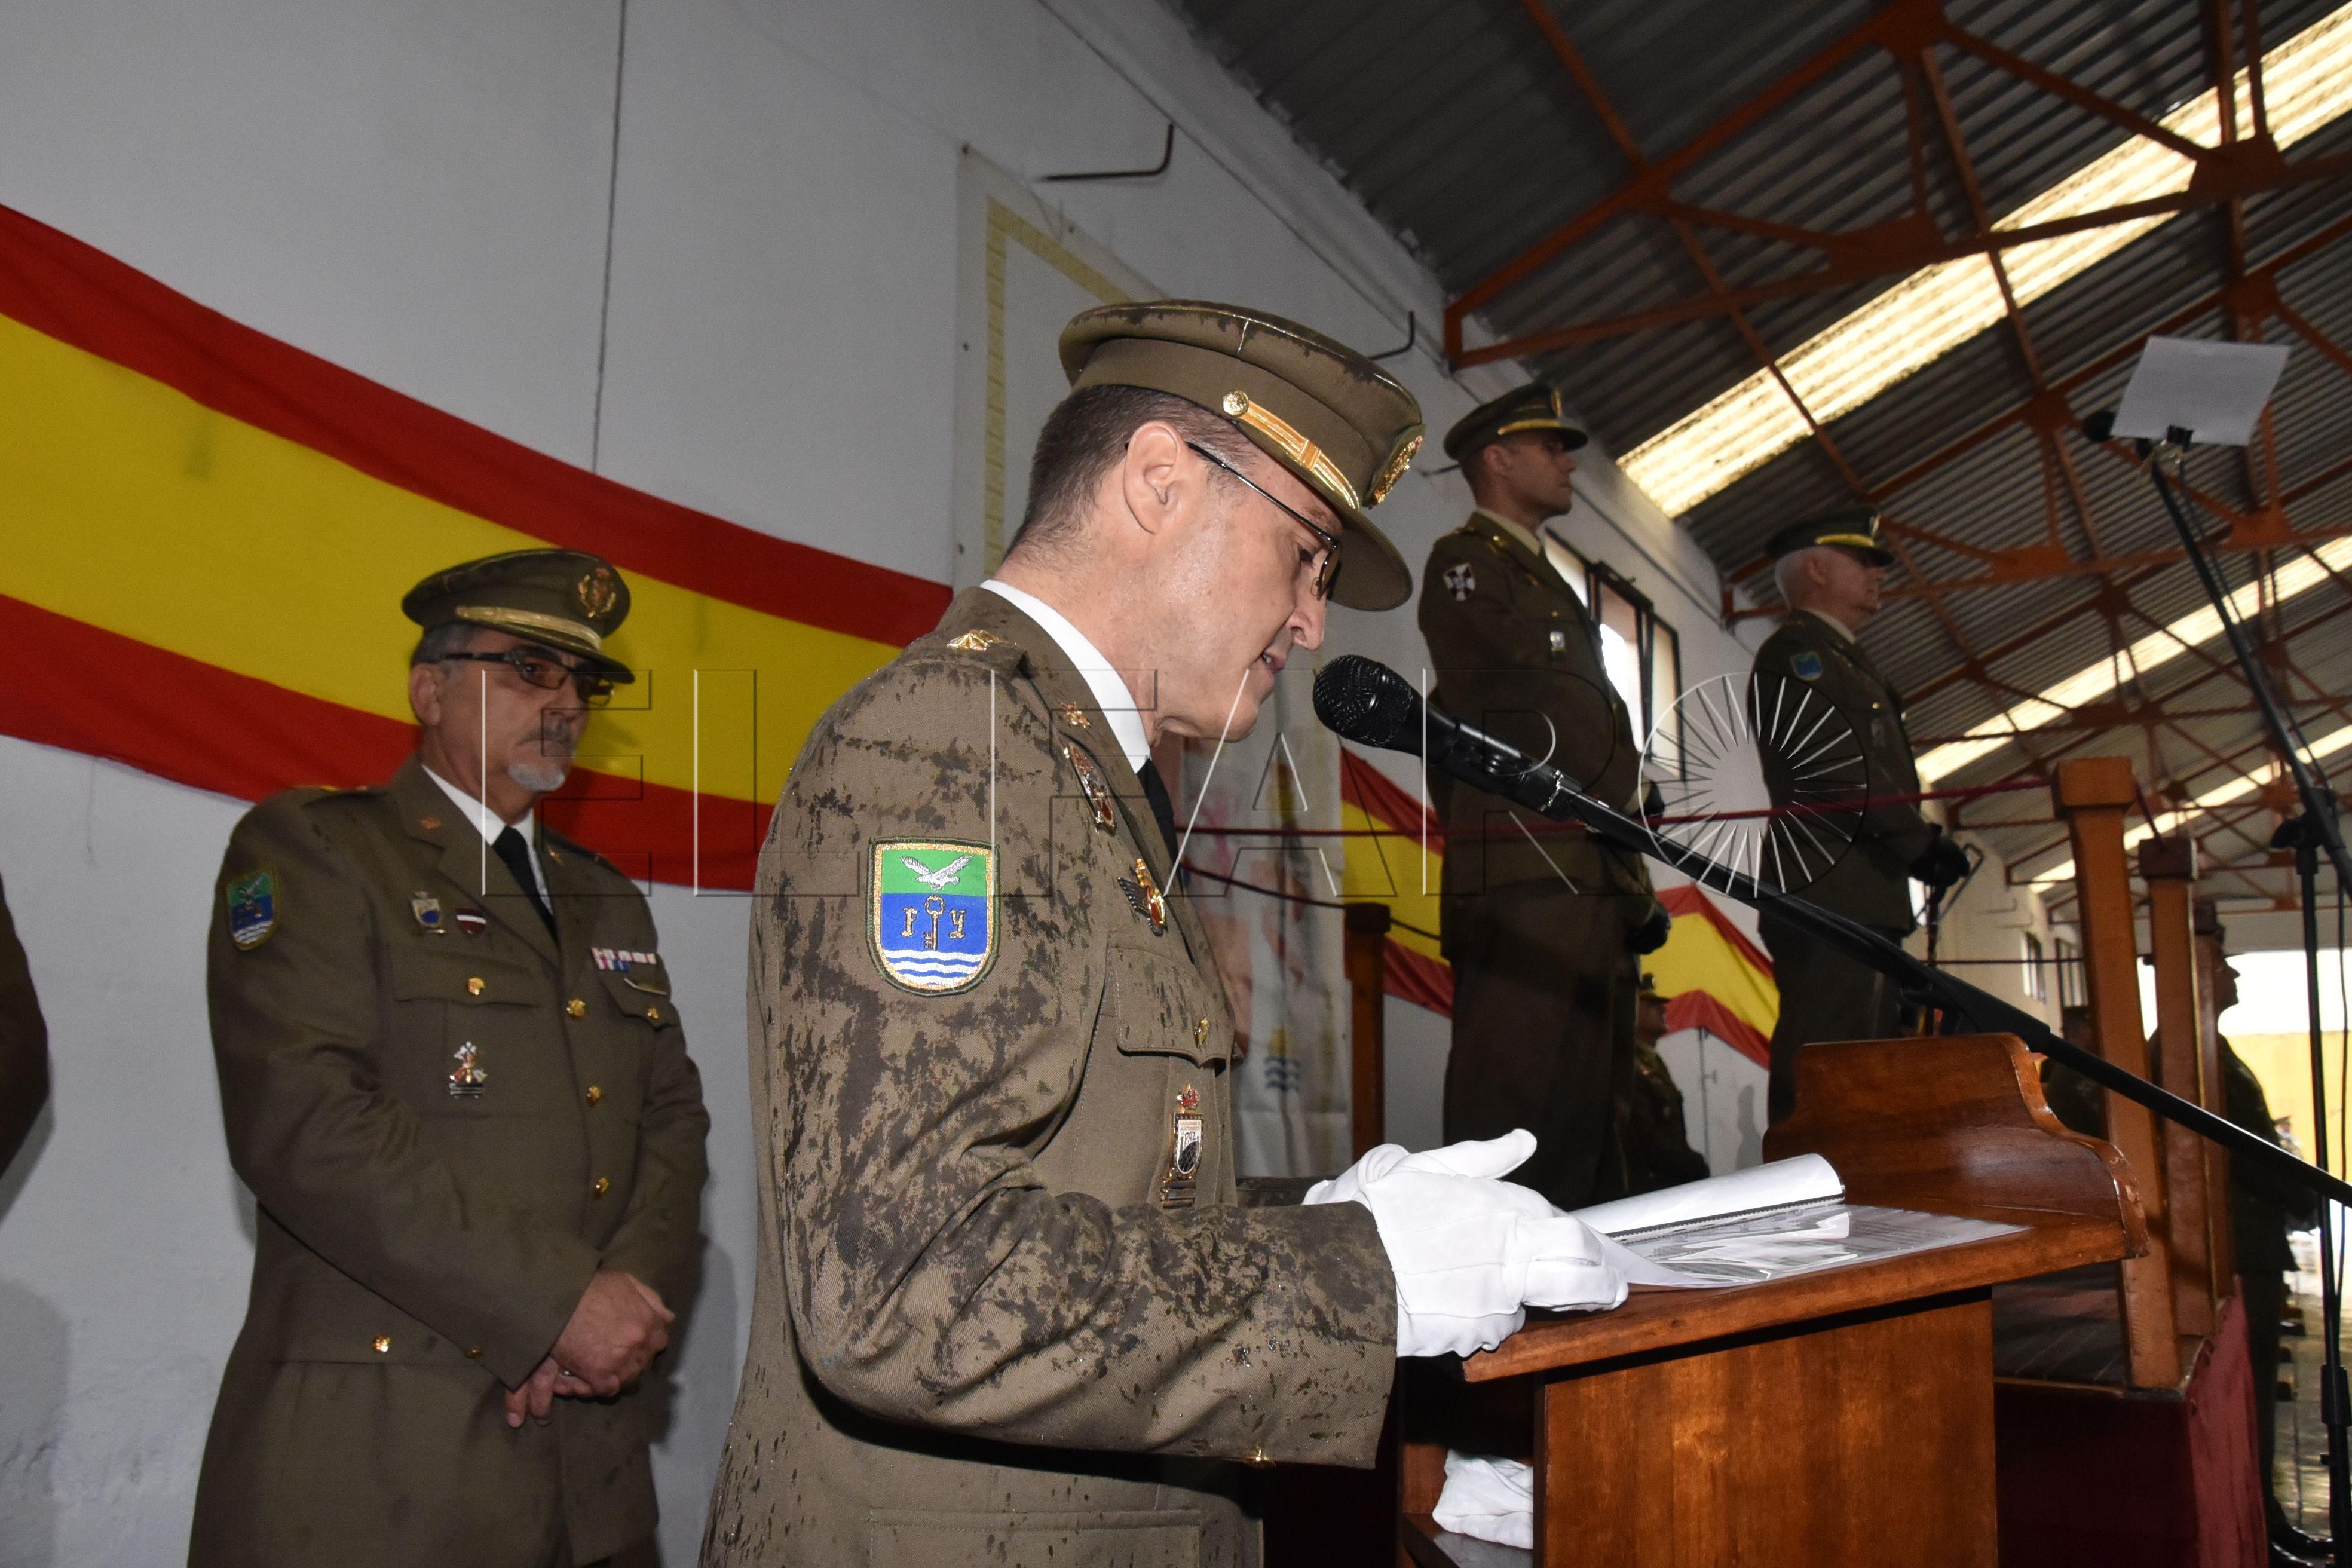 El coronel Quintana toma posesión de su cargo al frente de la USBAD